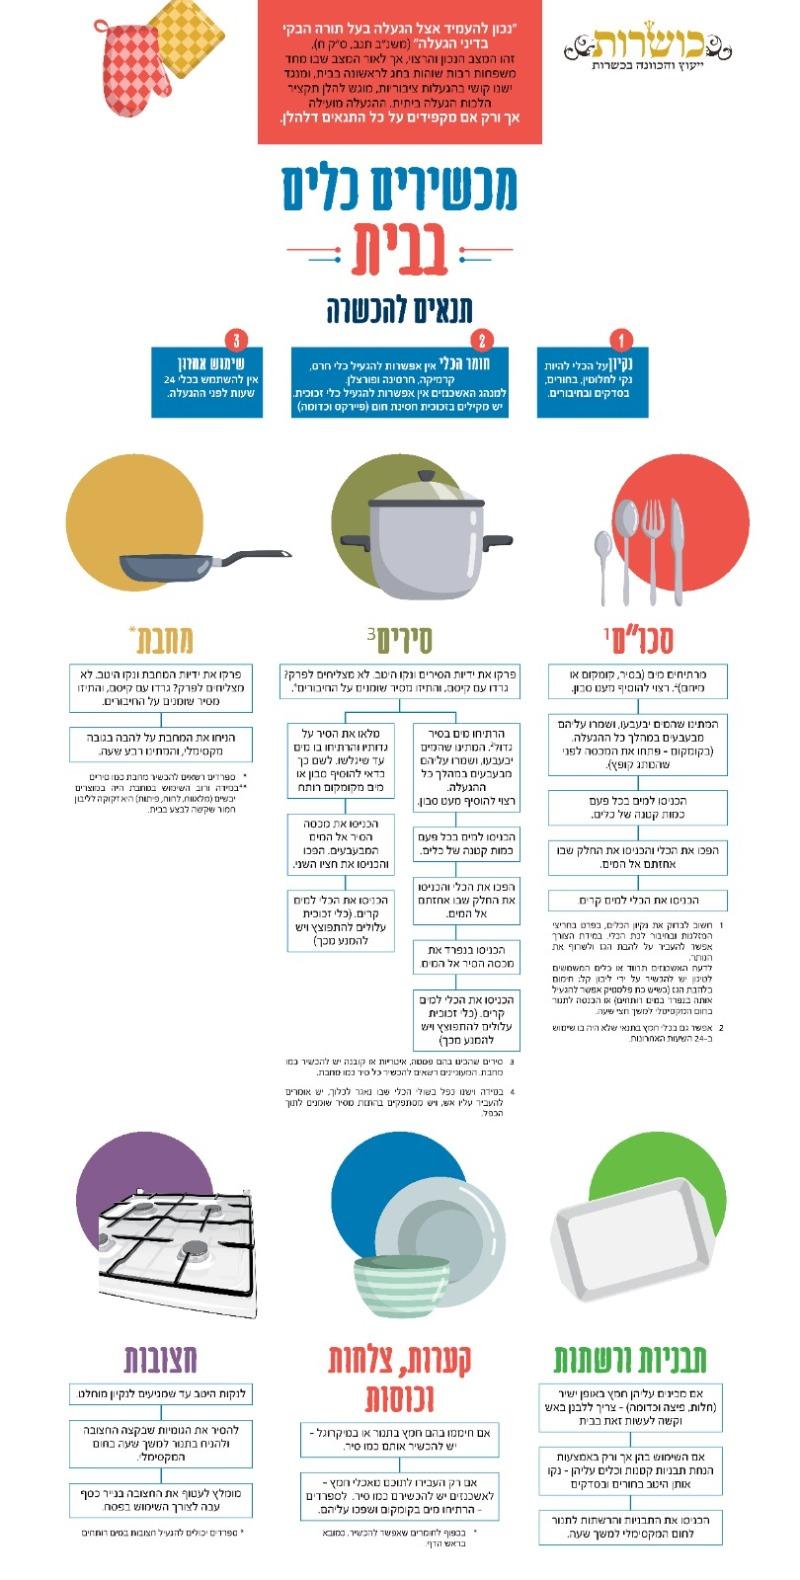 איך מכשירים כלים בבית? ארגון 'כושרות' מסביר